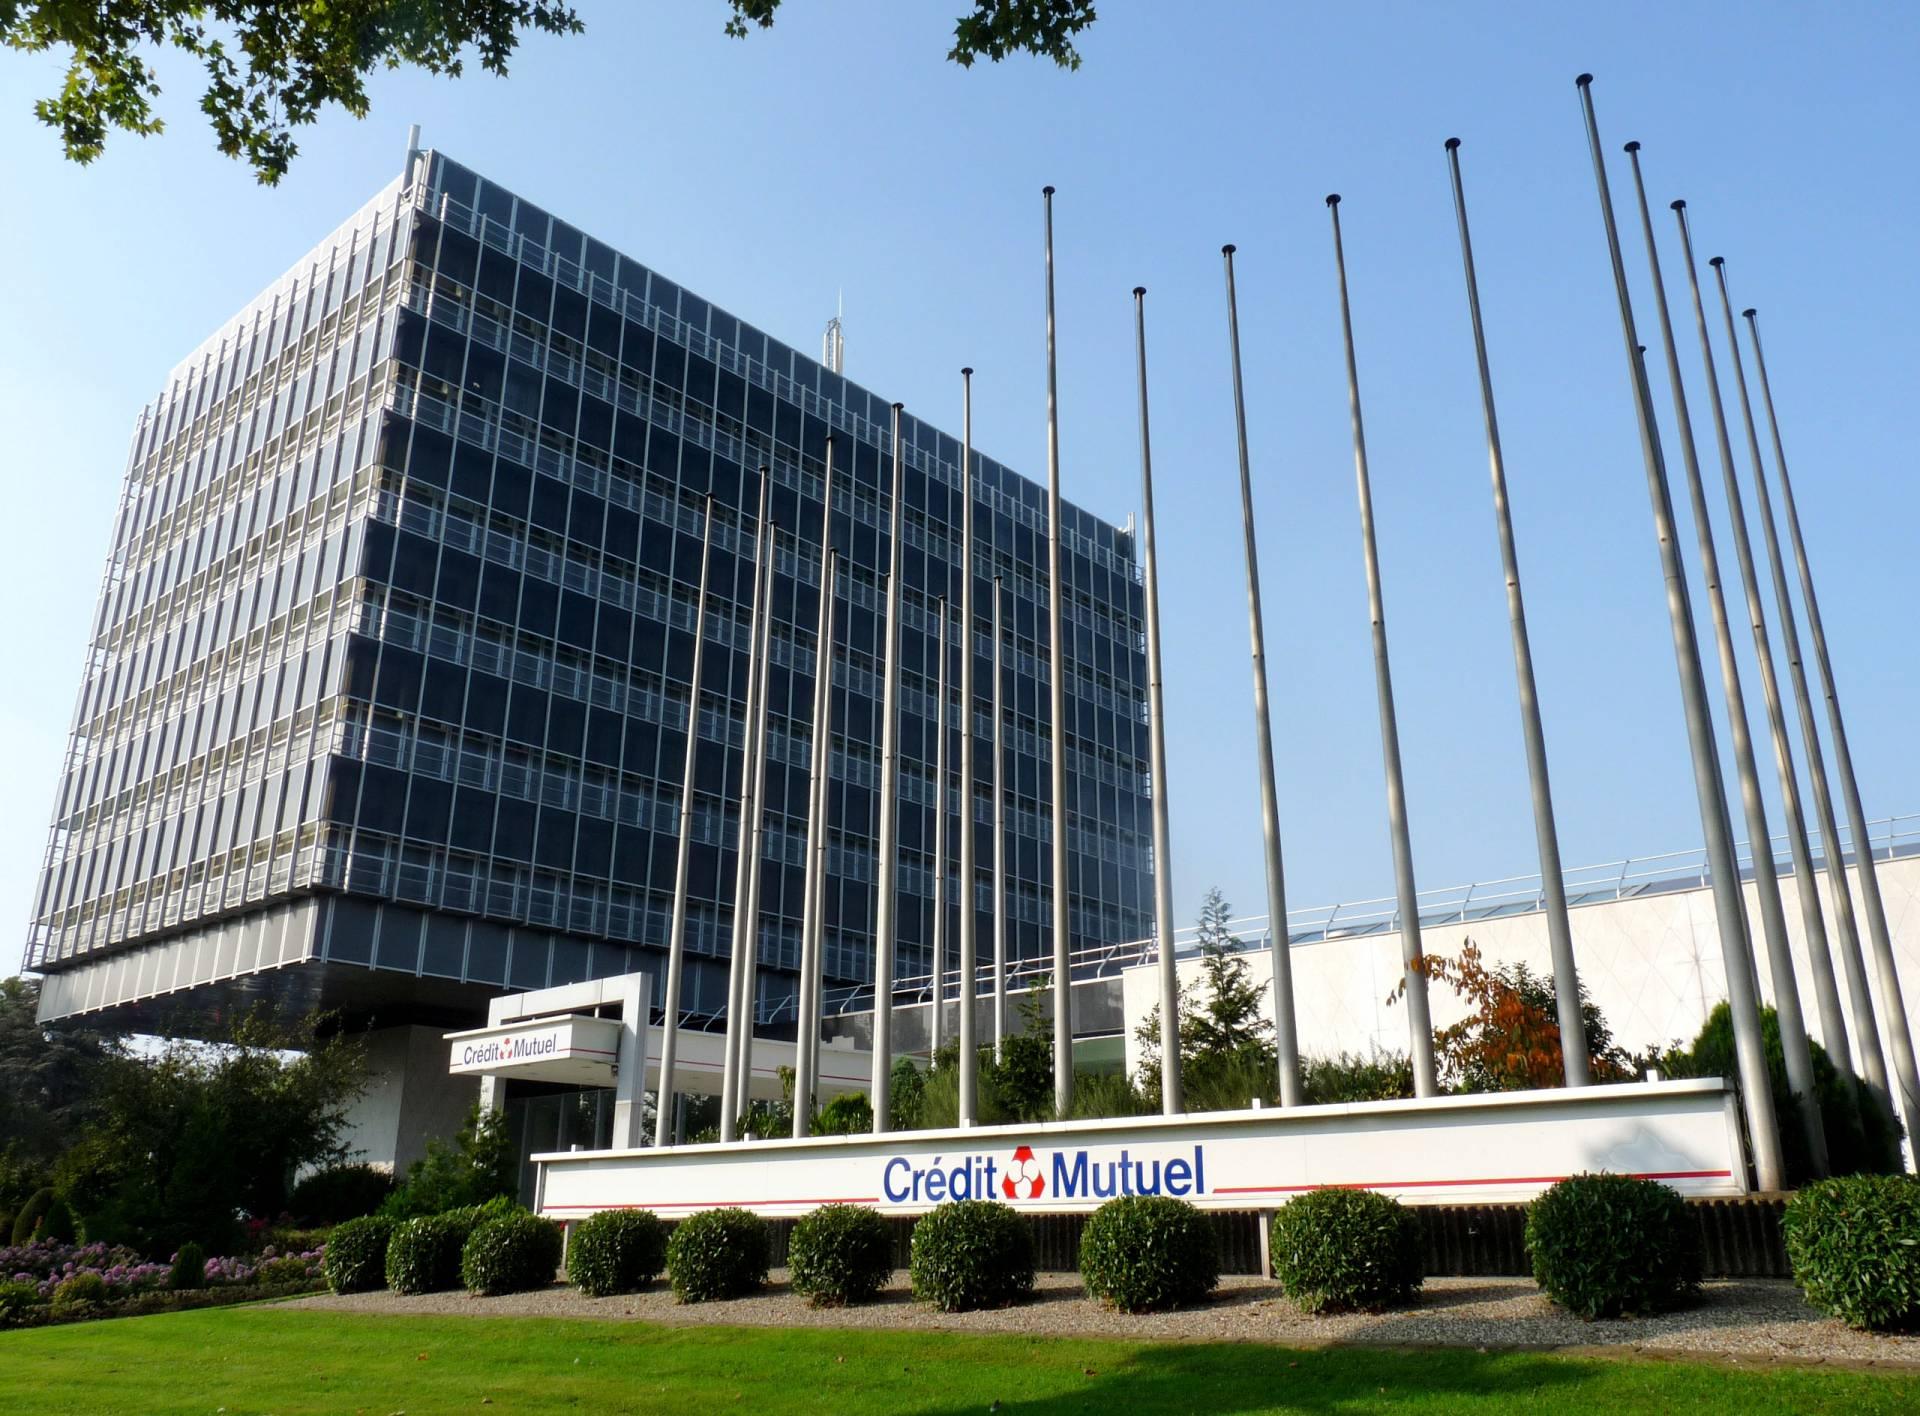 Sede Cédit Mutuel en Estrasburgo.